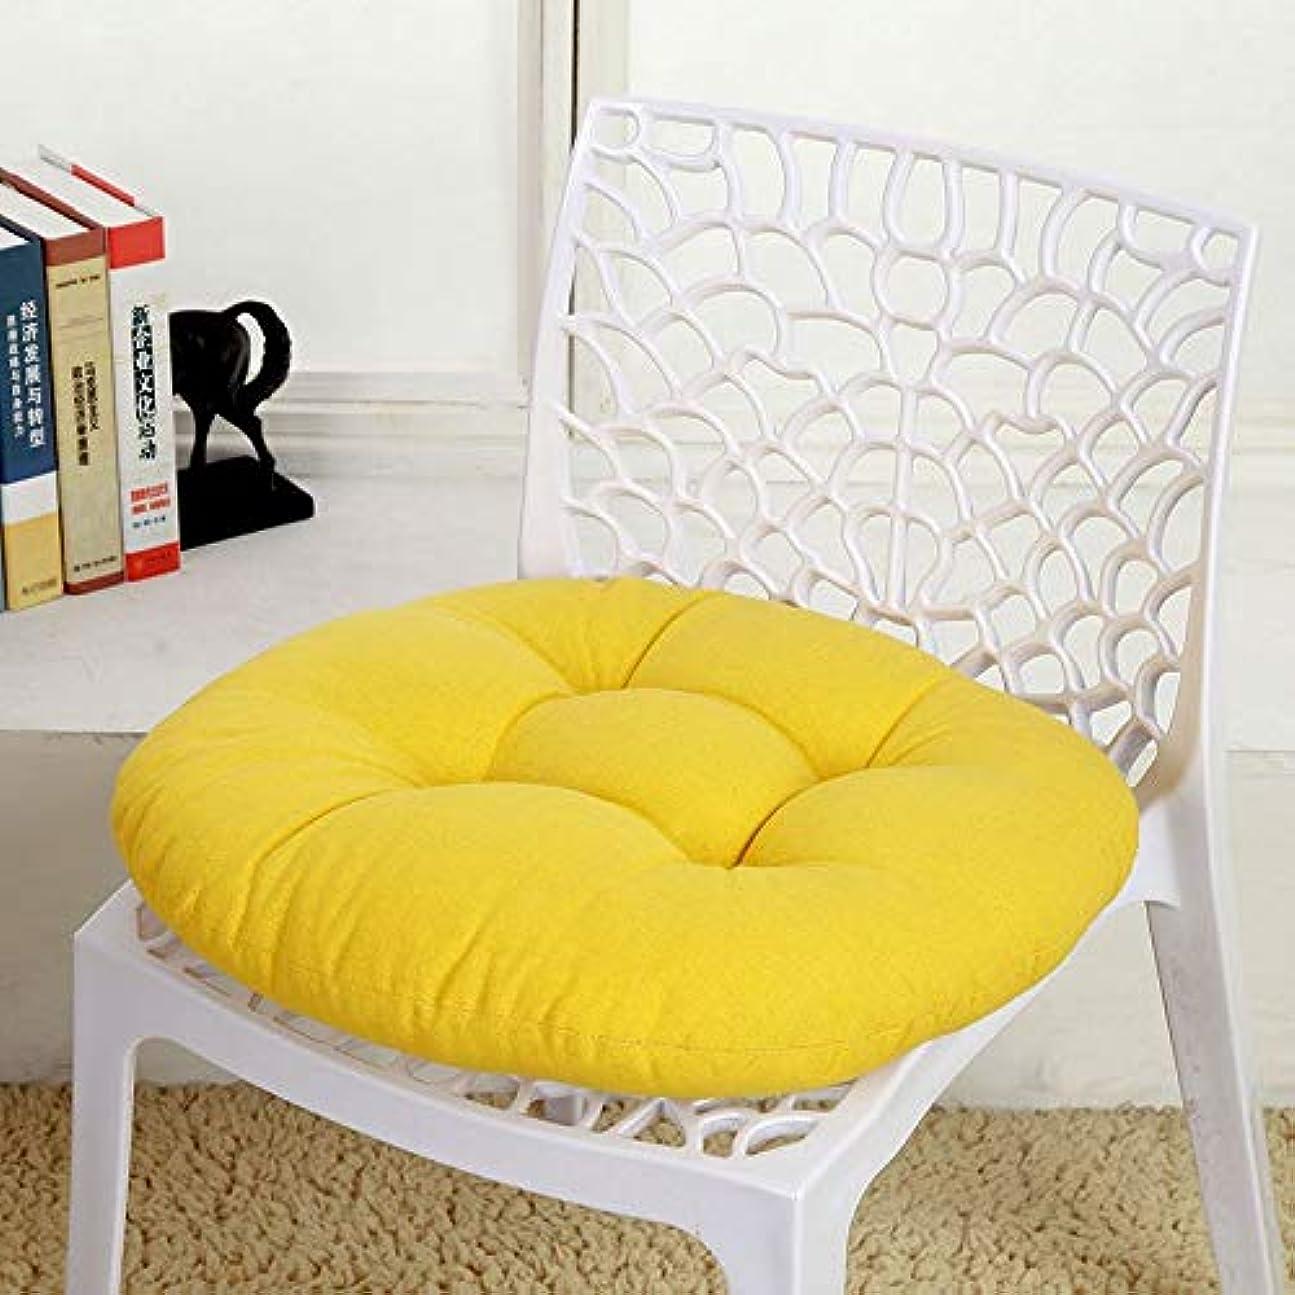 クライストチャーチ振りかけるせがむSMART キャンディカラーのクッションラウンドシートクッション波ウィンドウシートクッションクッション家の装飾パッドラウンド枕シート枕椅子座る枕 クッション 椅子